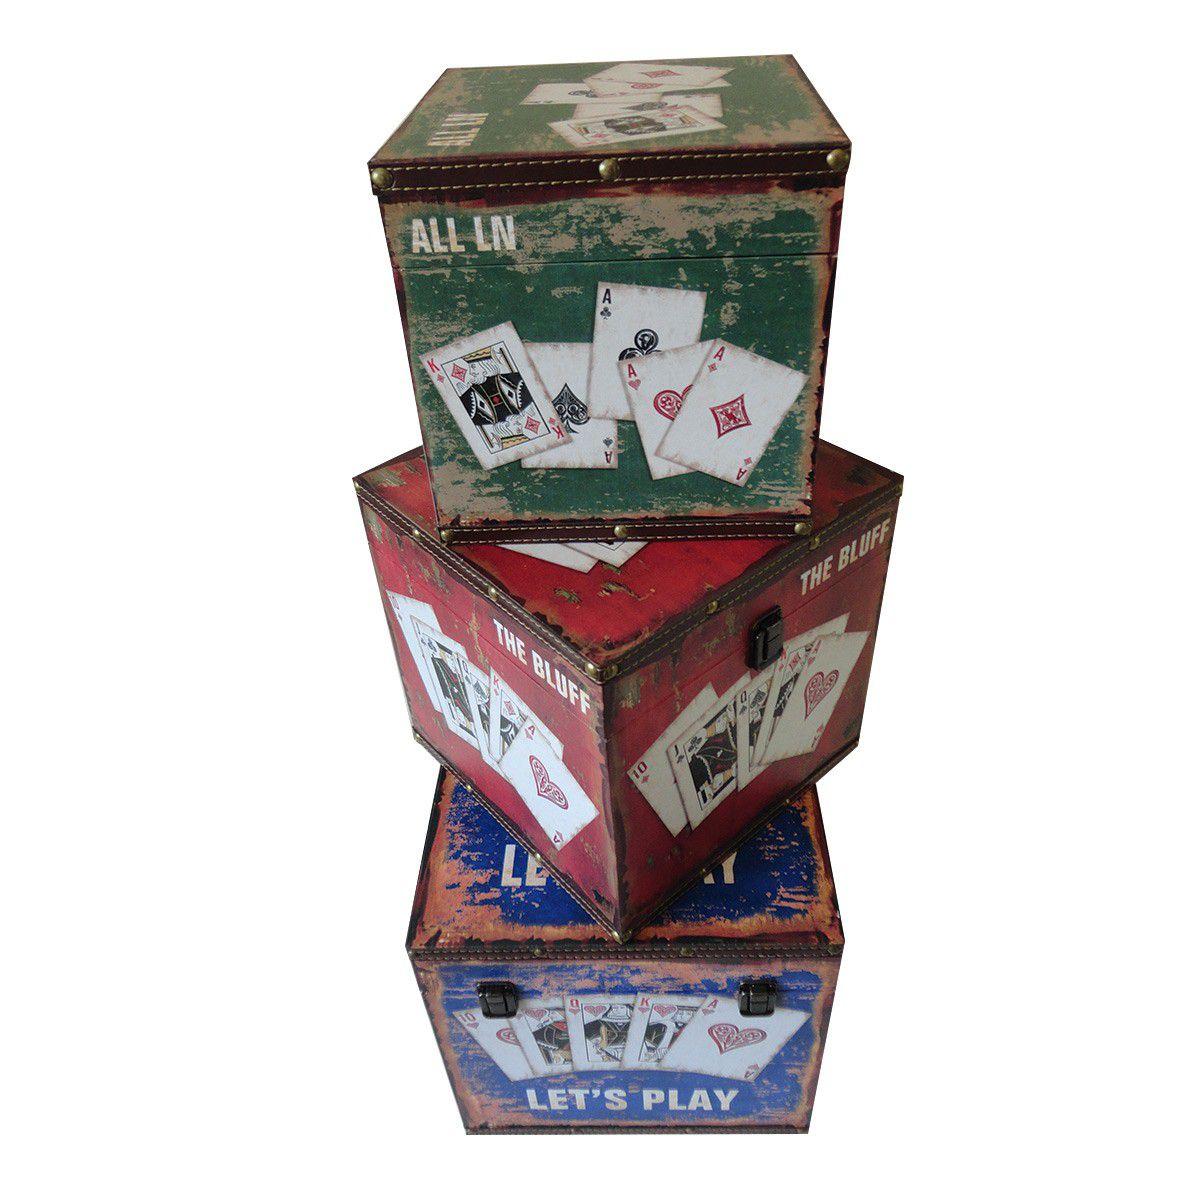 Kit Com 3 Caixas Organizadora mod. The Bluff